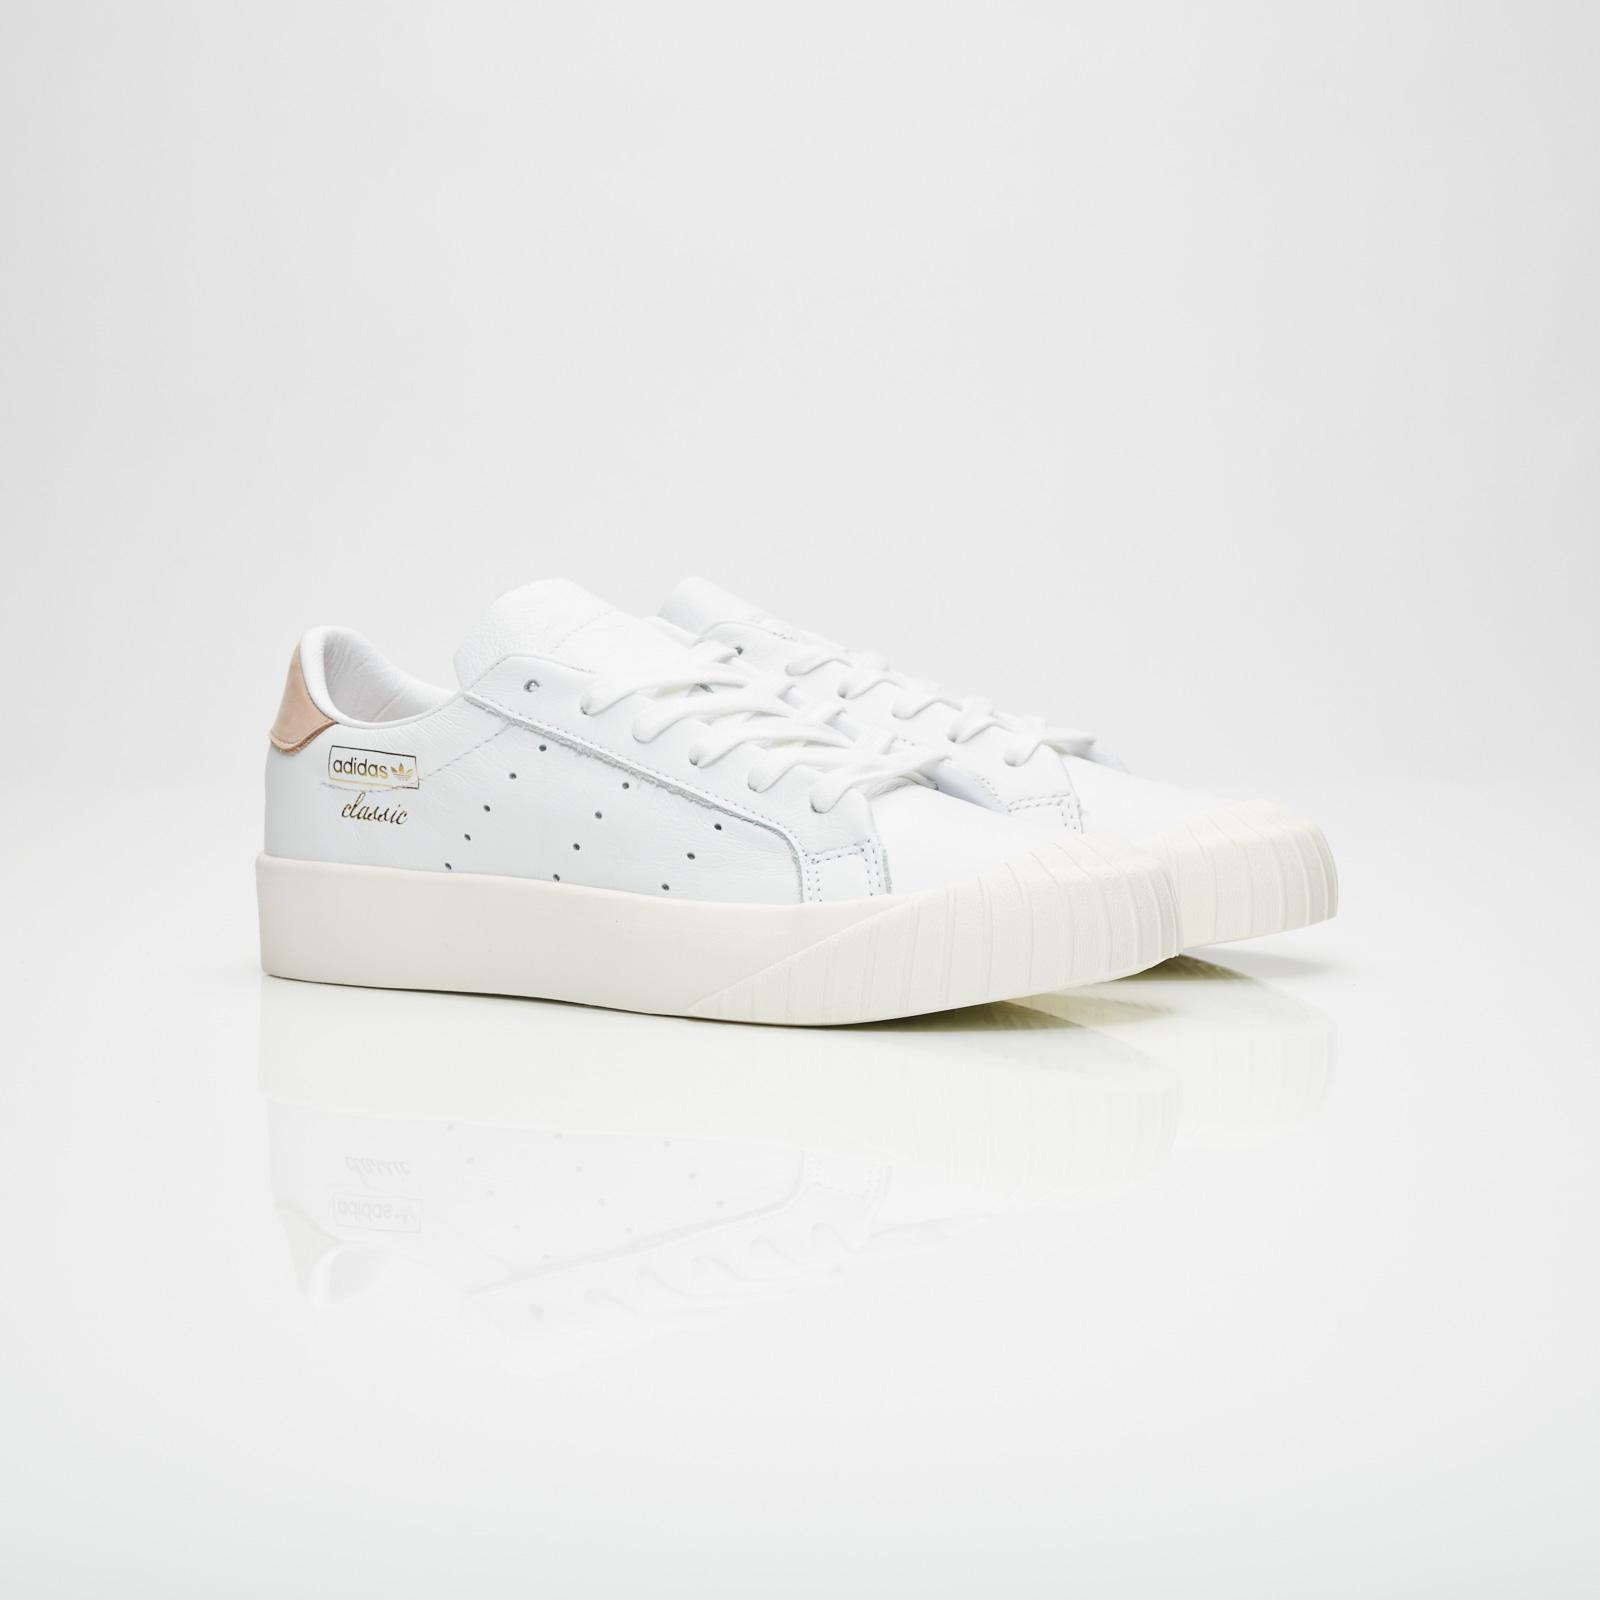 adidas Everyn W - Cq2004 - SNS | sneakers & streetwear online ...